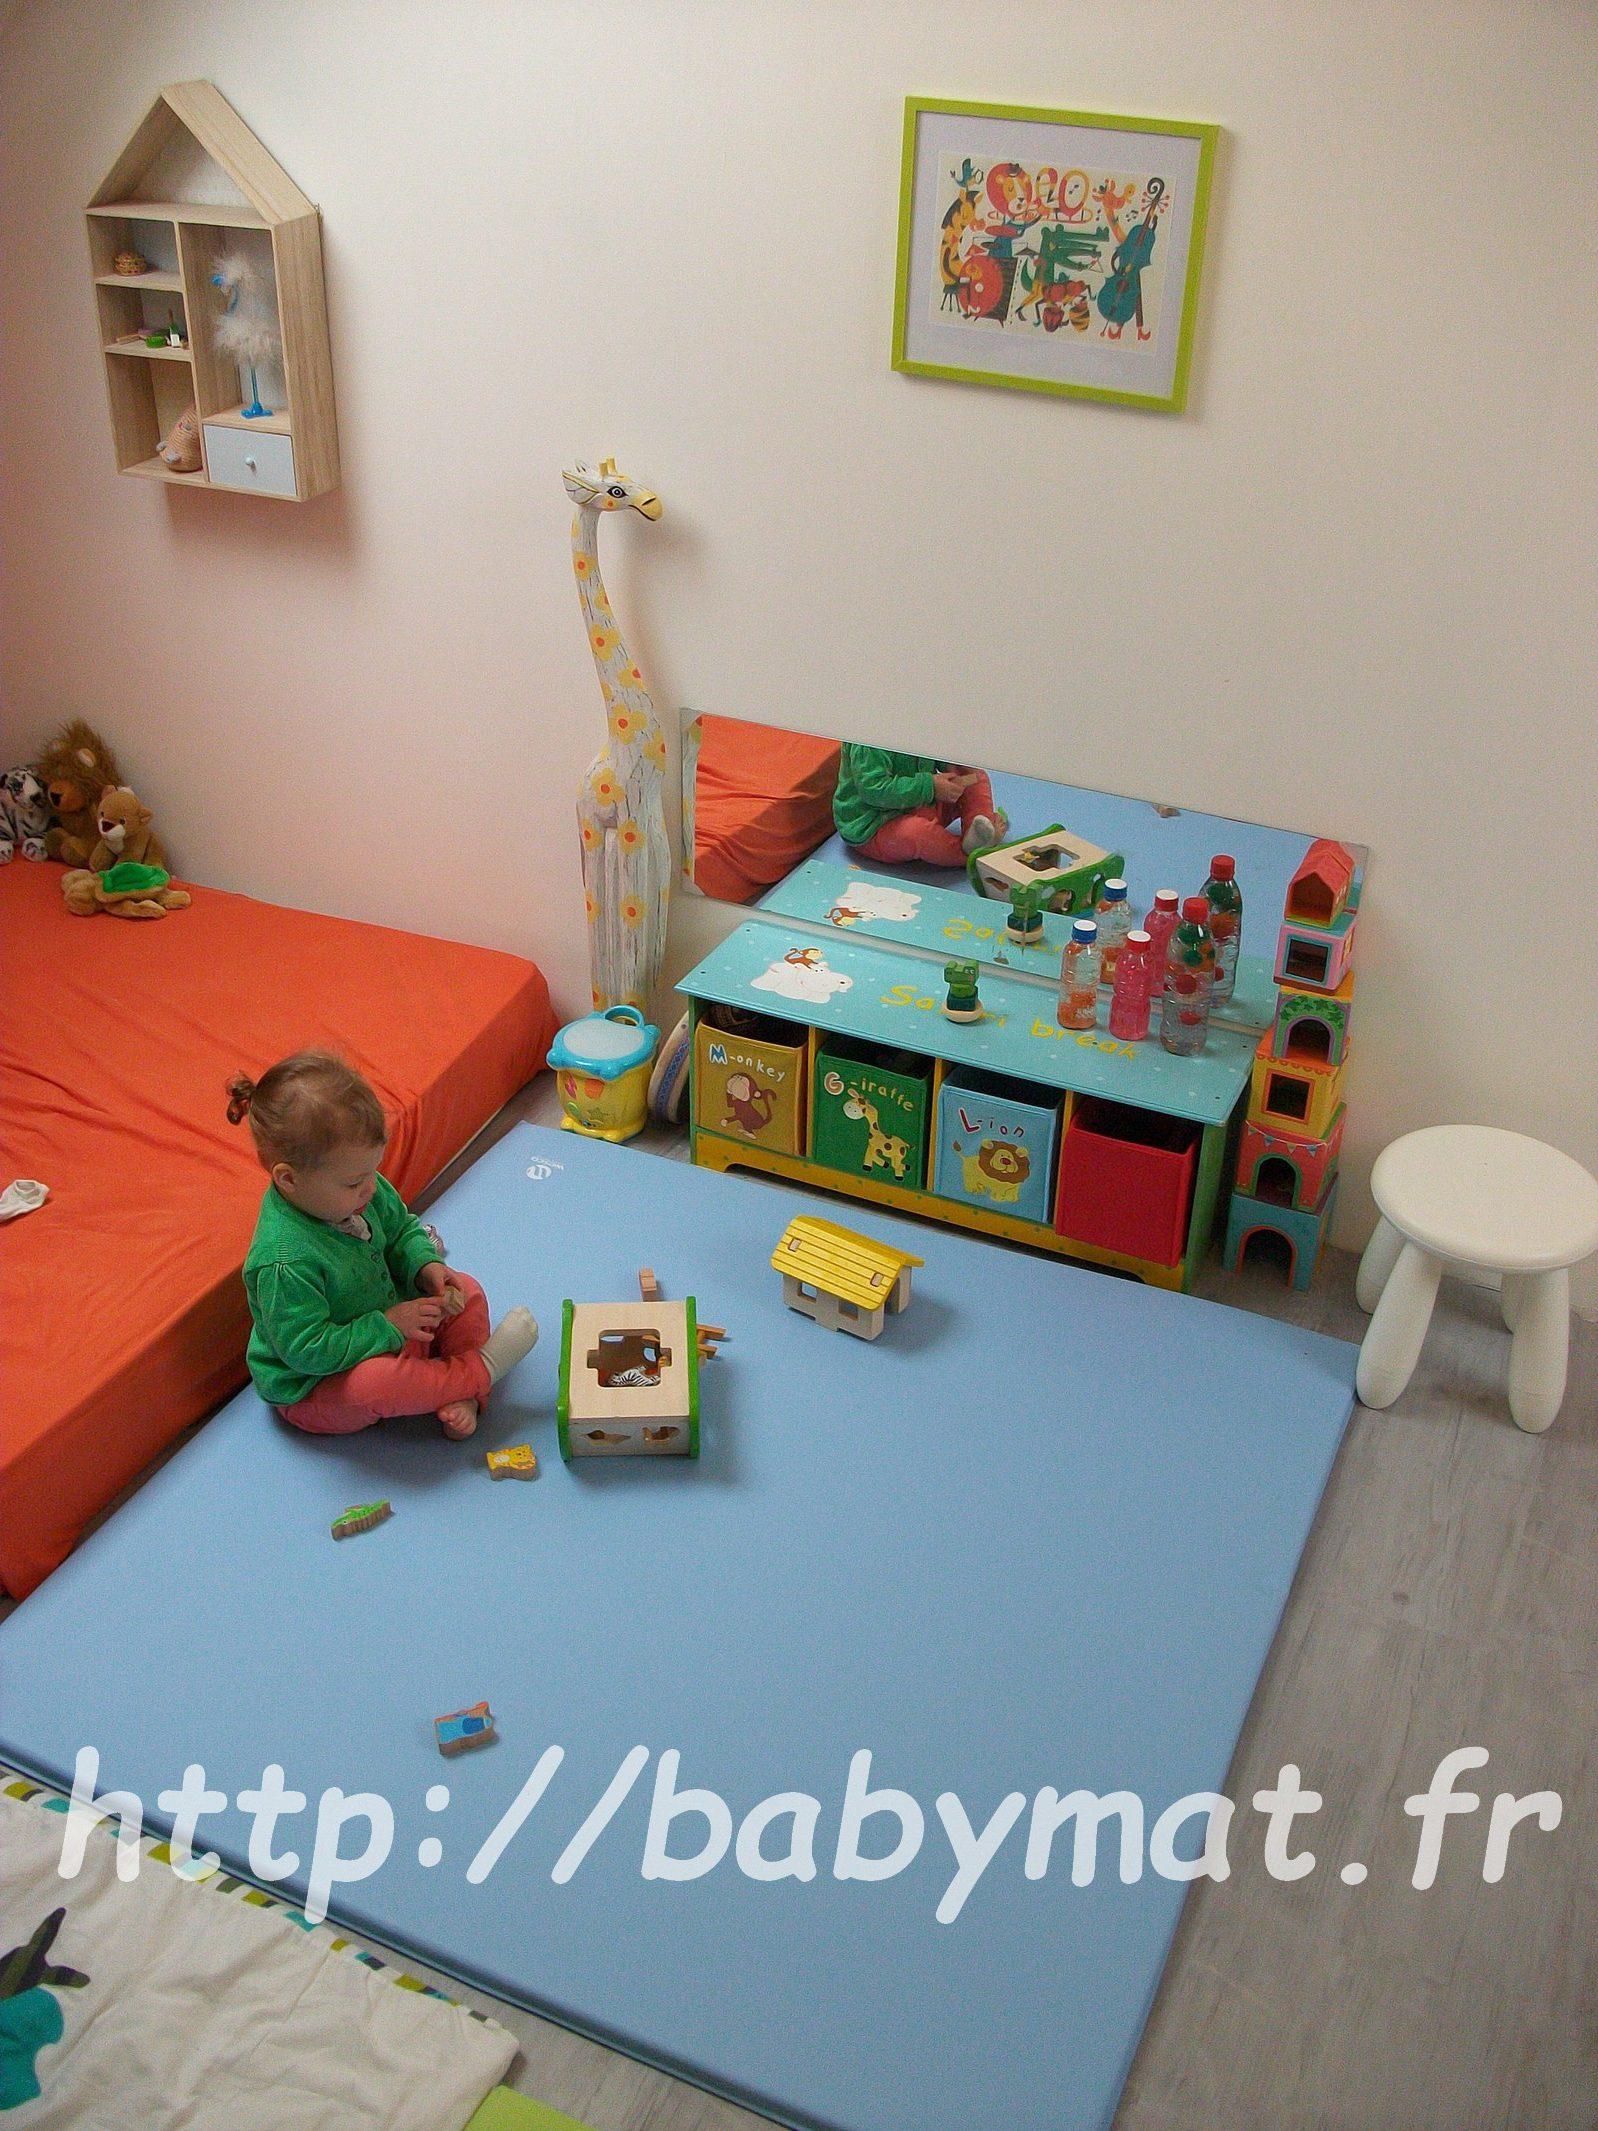 couverture de sol bébé Comment choisir le tapis de sol d'éveil pour bébé   Baby'mat, la  couverture de sol bébé